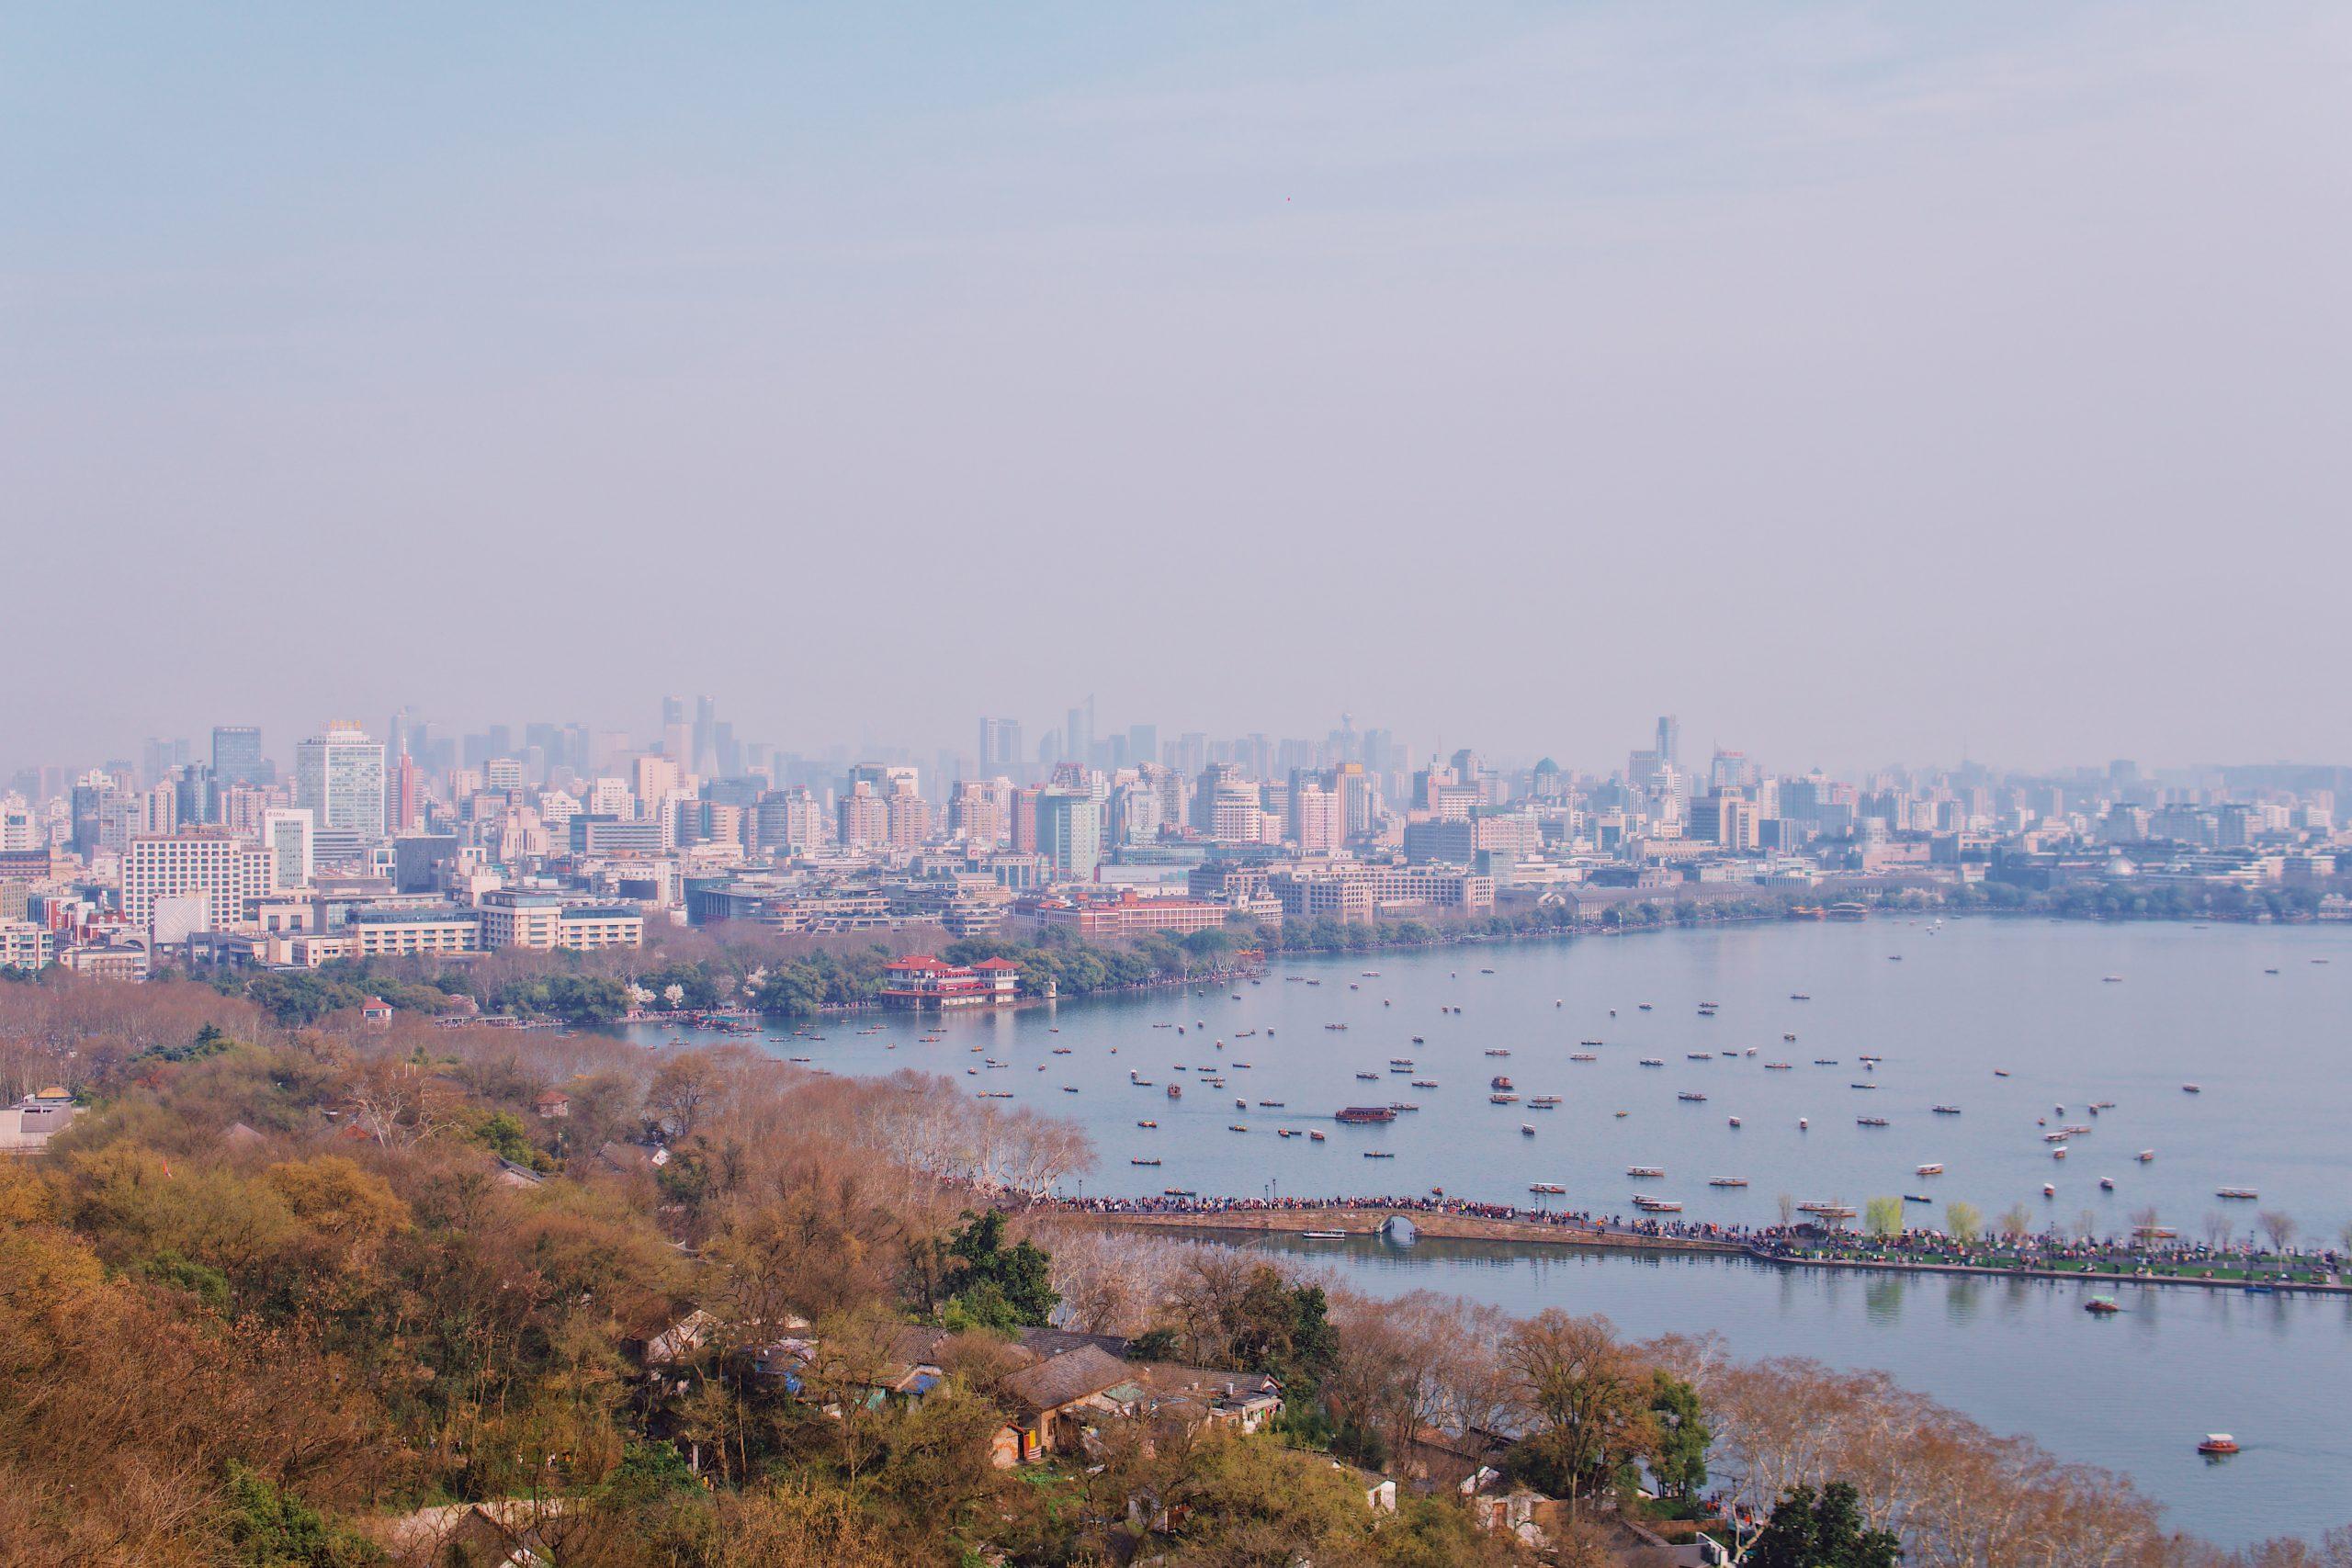 หางโจว Hangzhou จีน